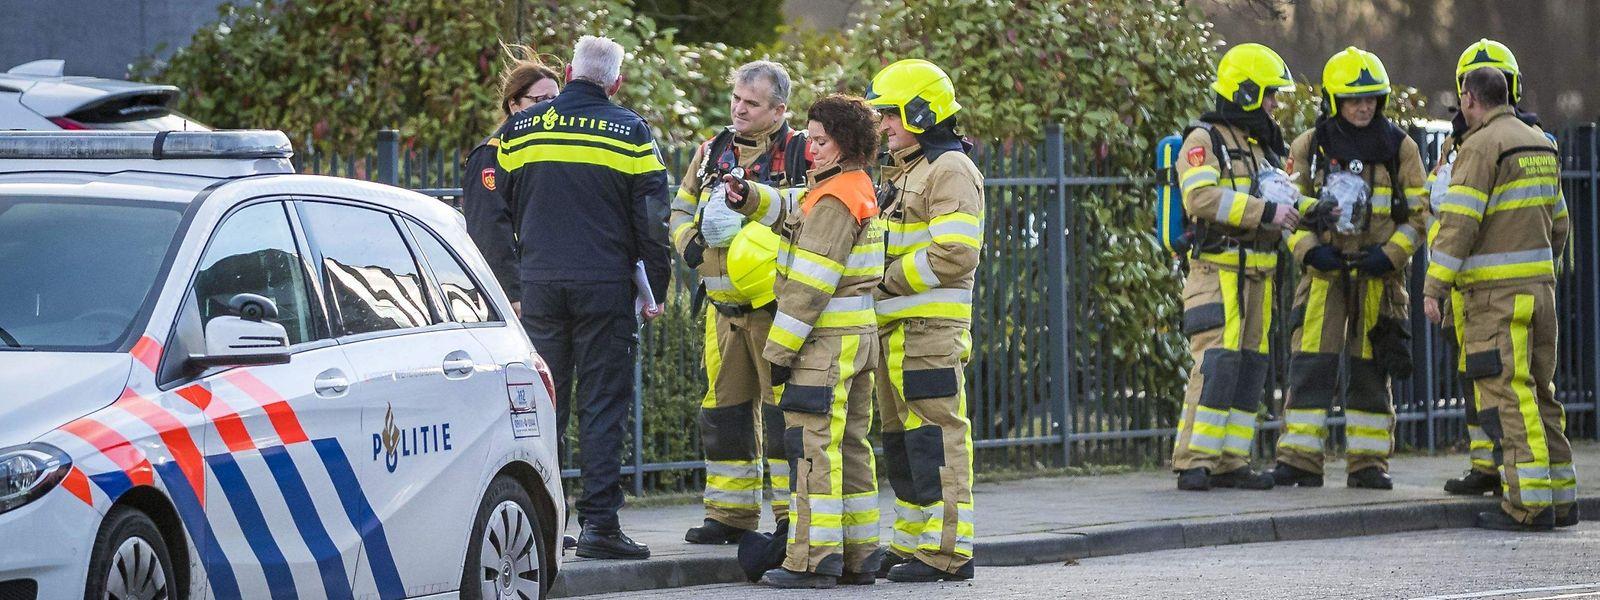 Rettungskräfte vor dem Postverteilzentrum in Kerkrade.